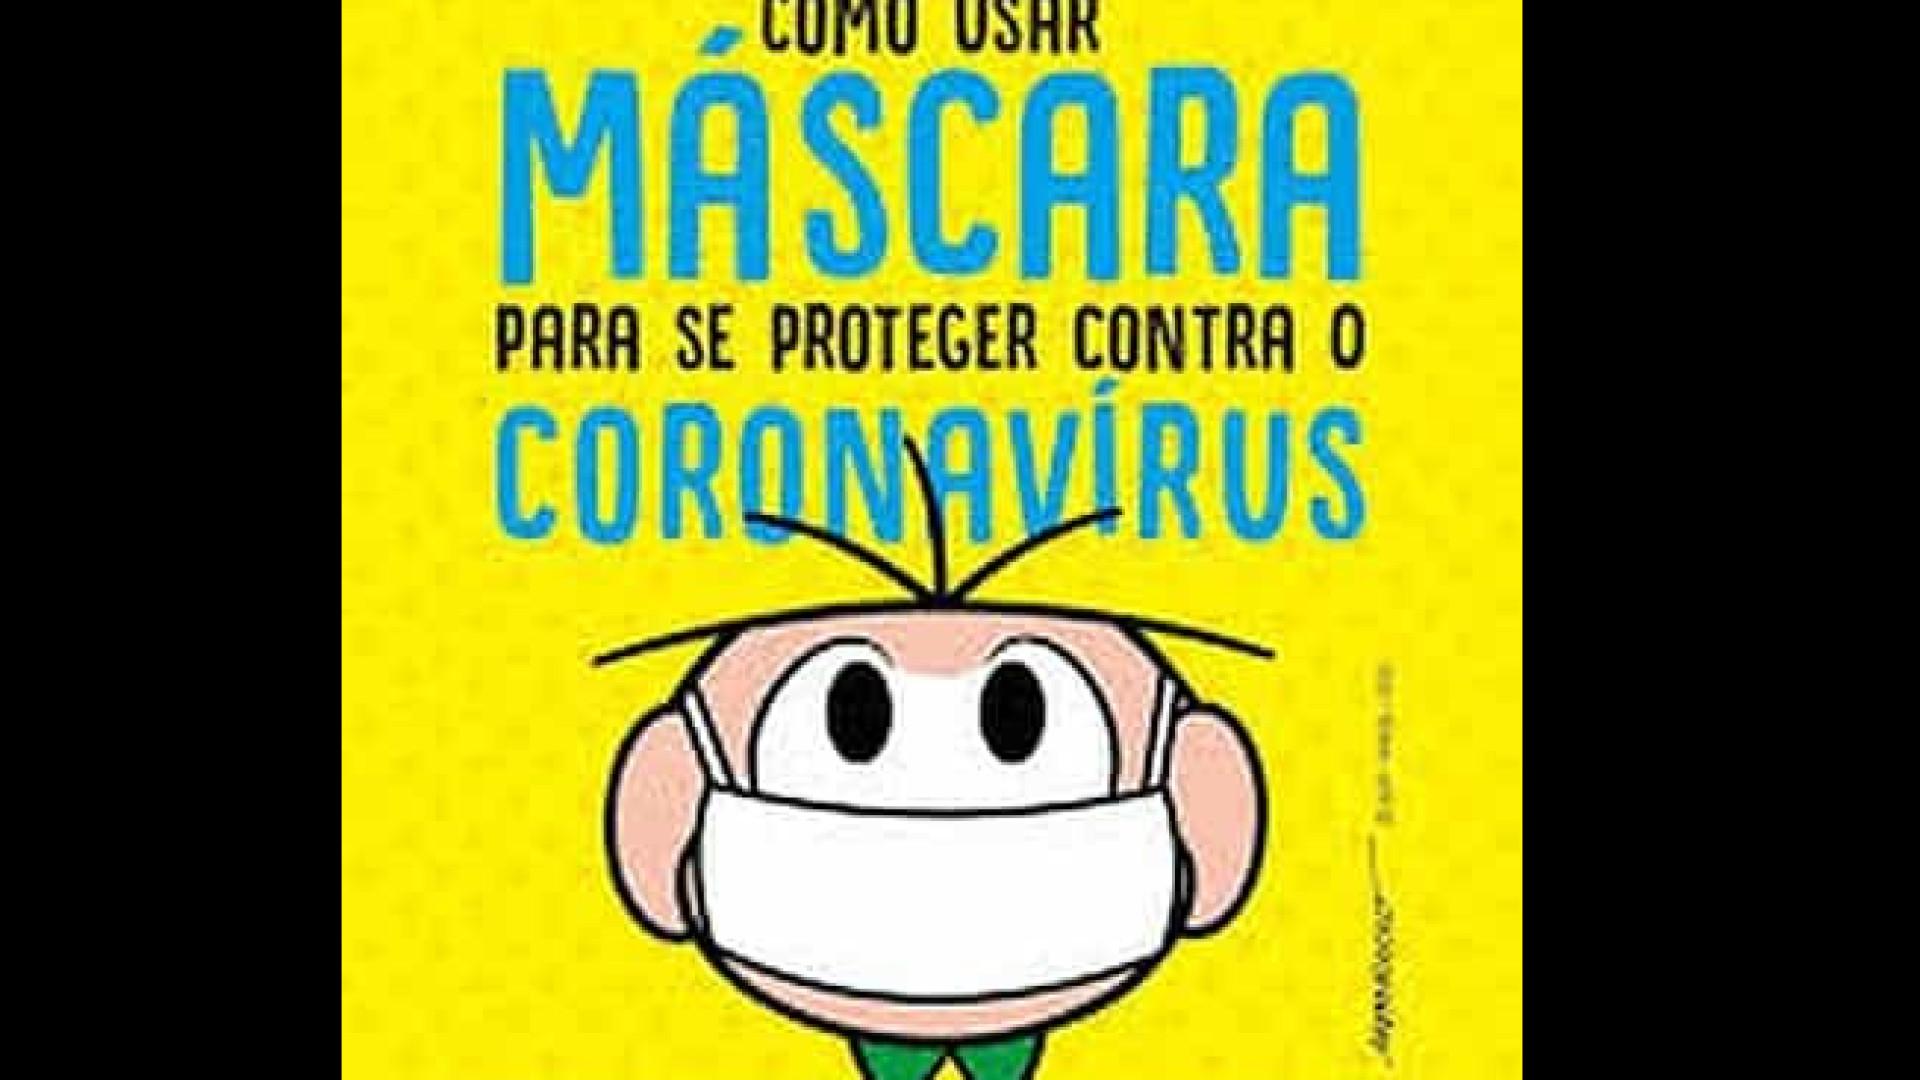 Cartilha da Turma da Mônica traz informações sobre uso de máscaras